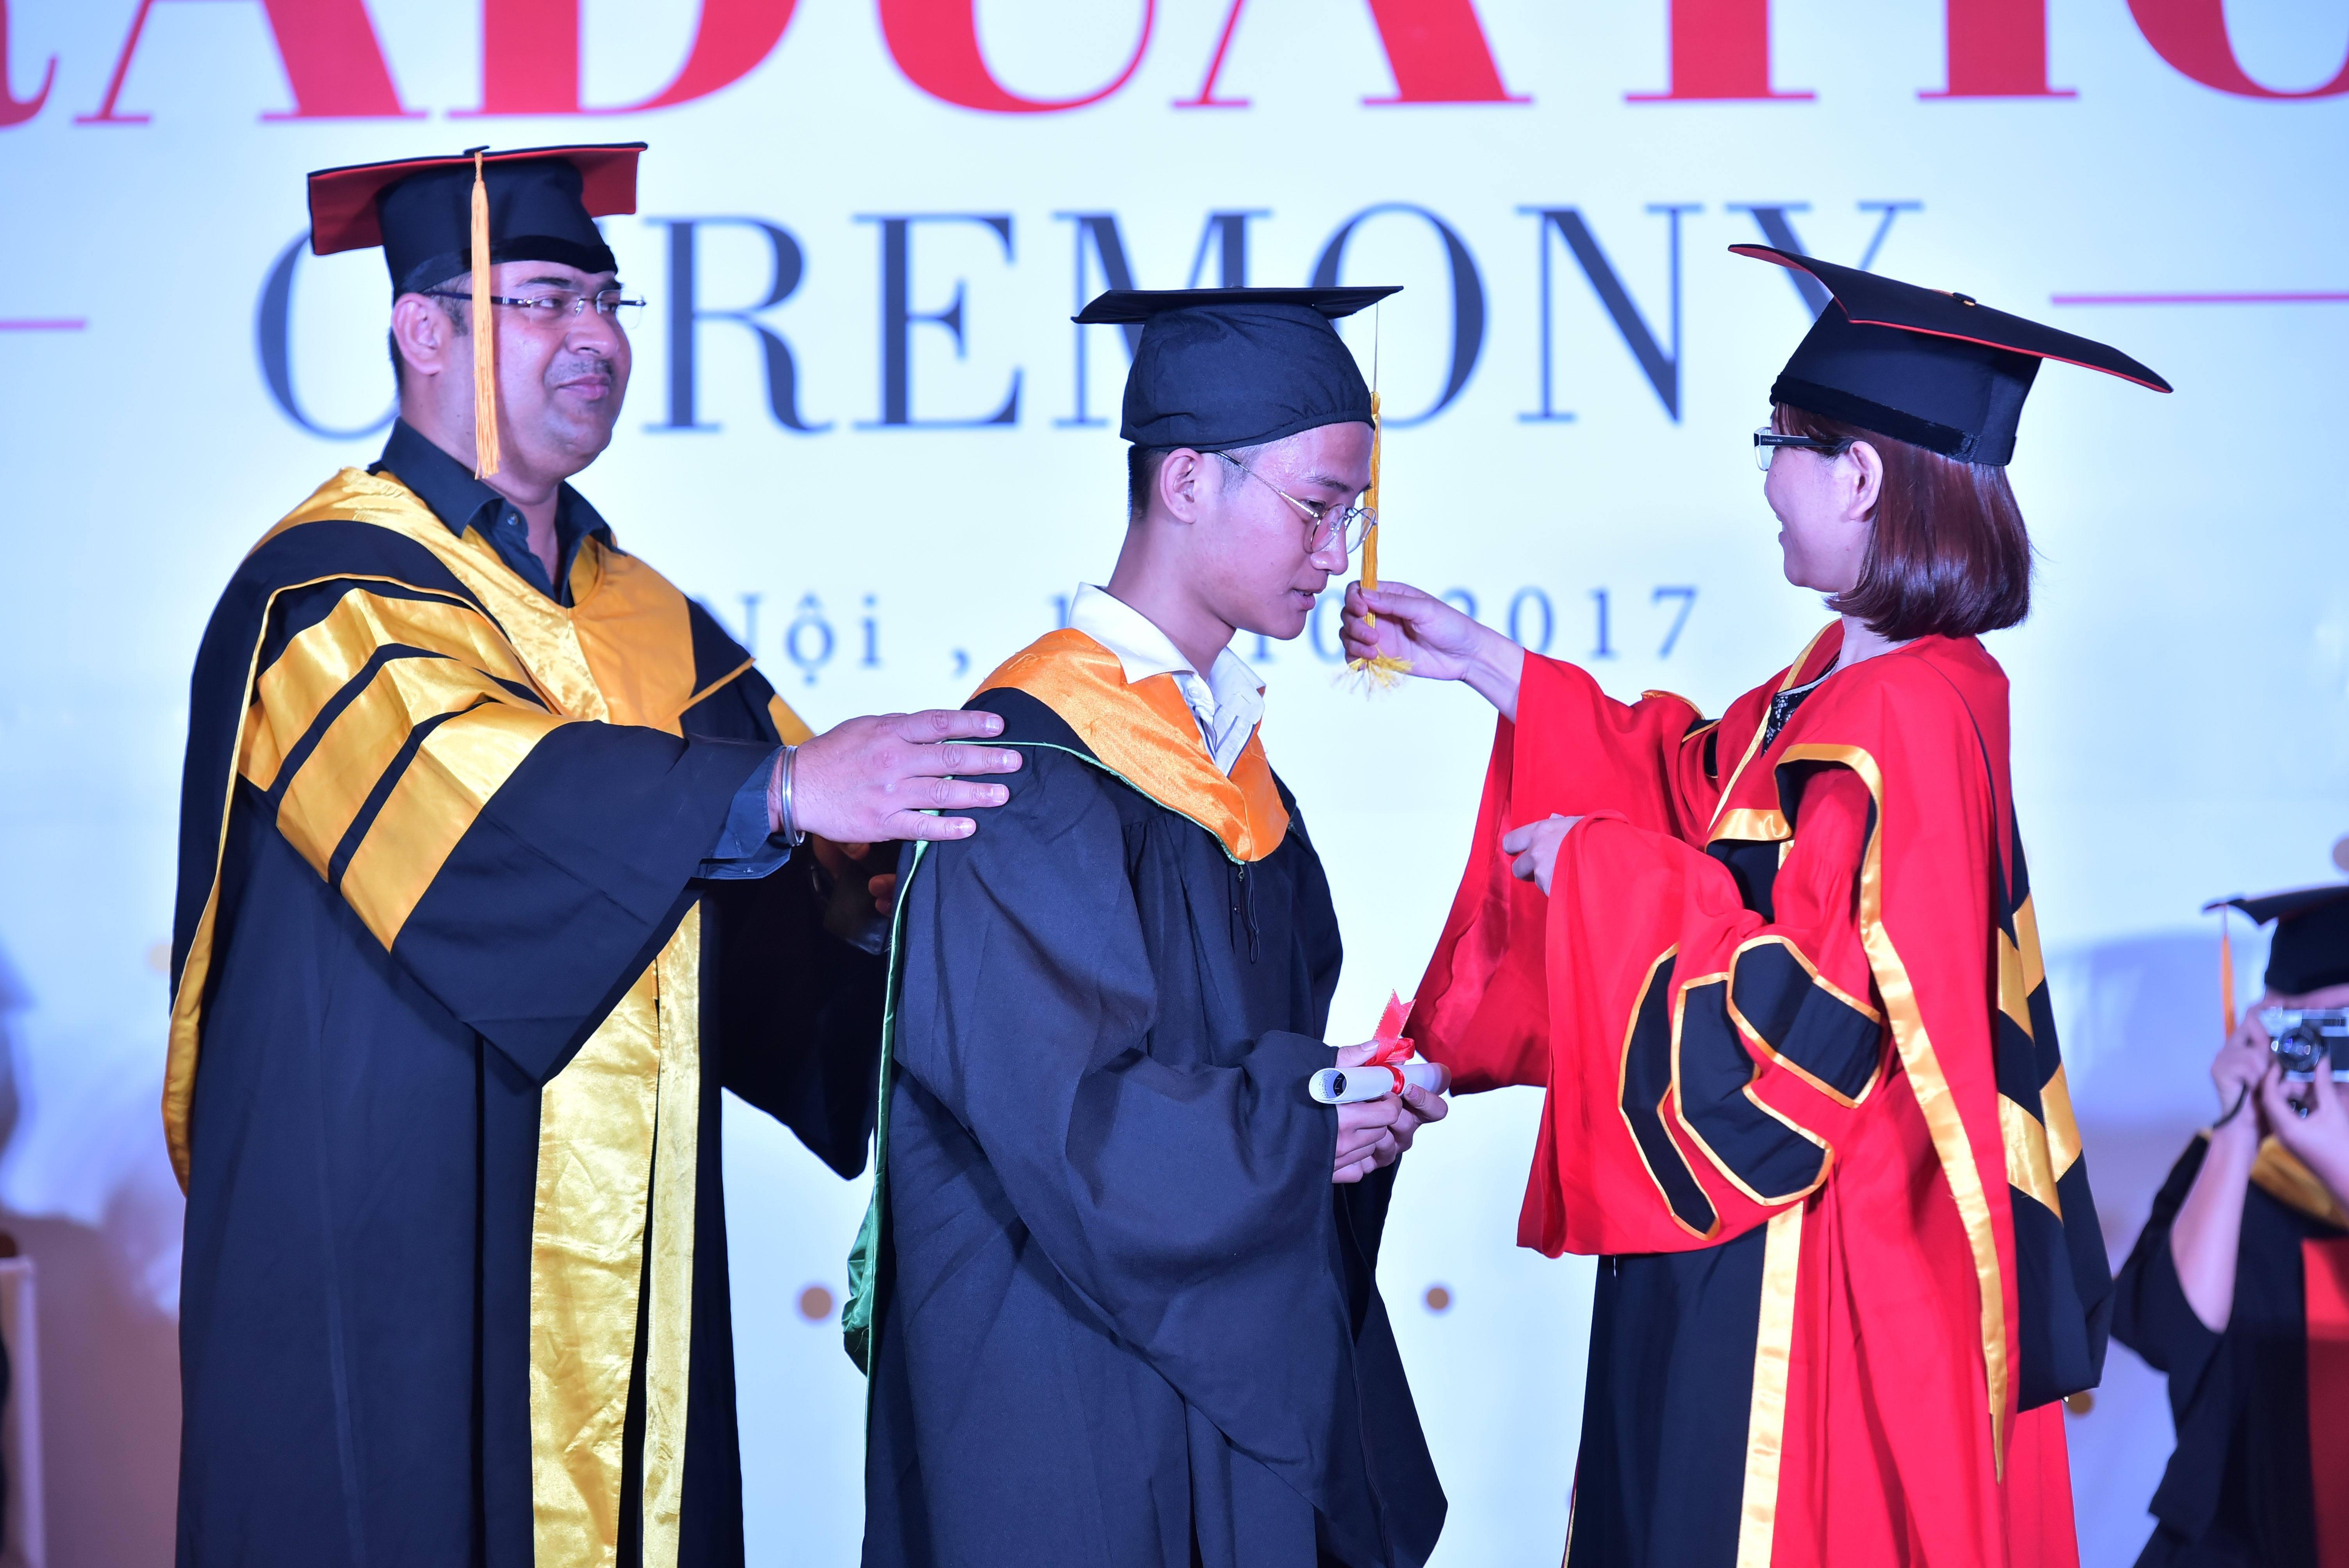 ...cùng với đó, cô Lê Thị Hồng Hạnh là người thực hiện nghi thức vắt dải mũ cho các bạn sinh viên FPT Jetking